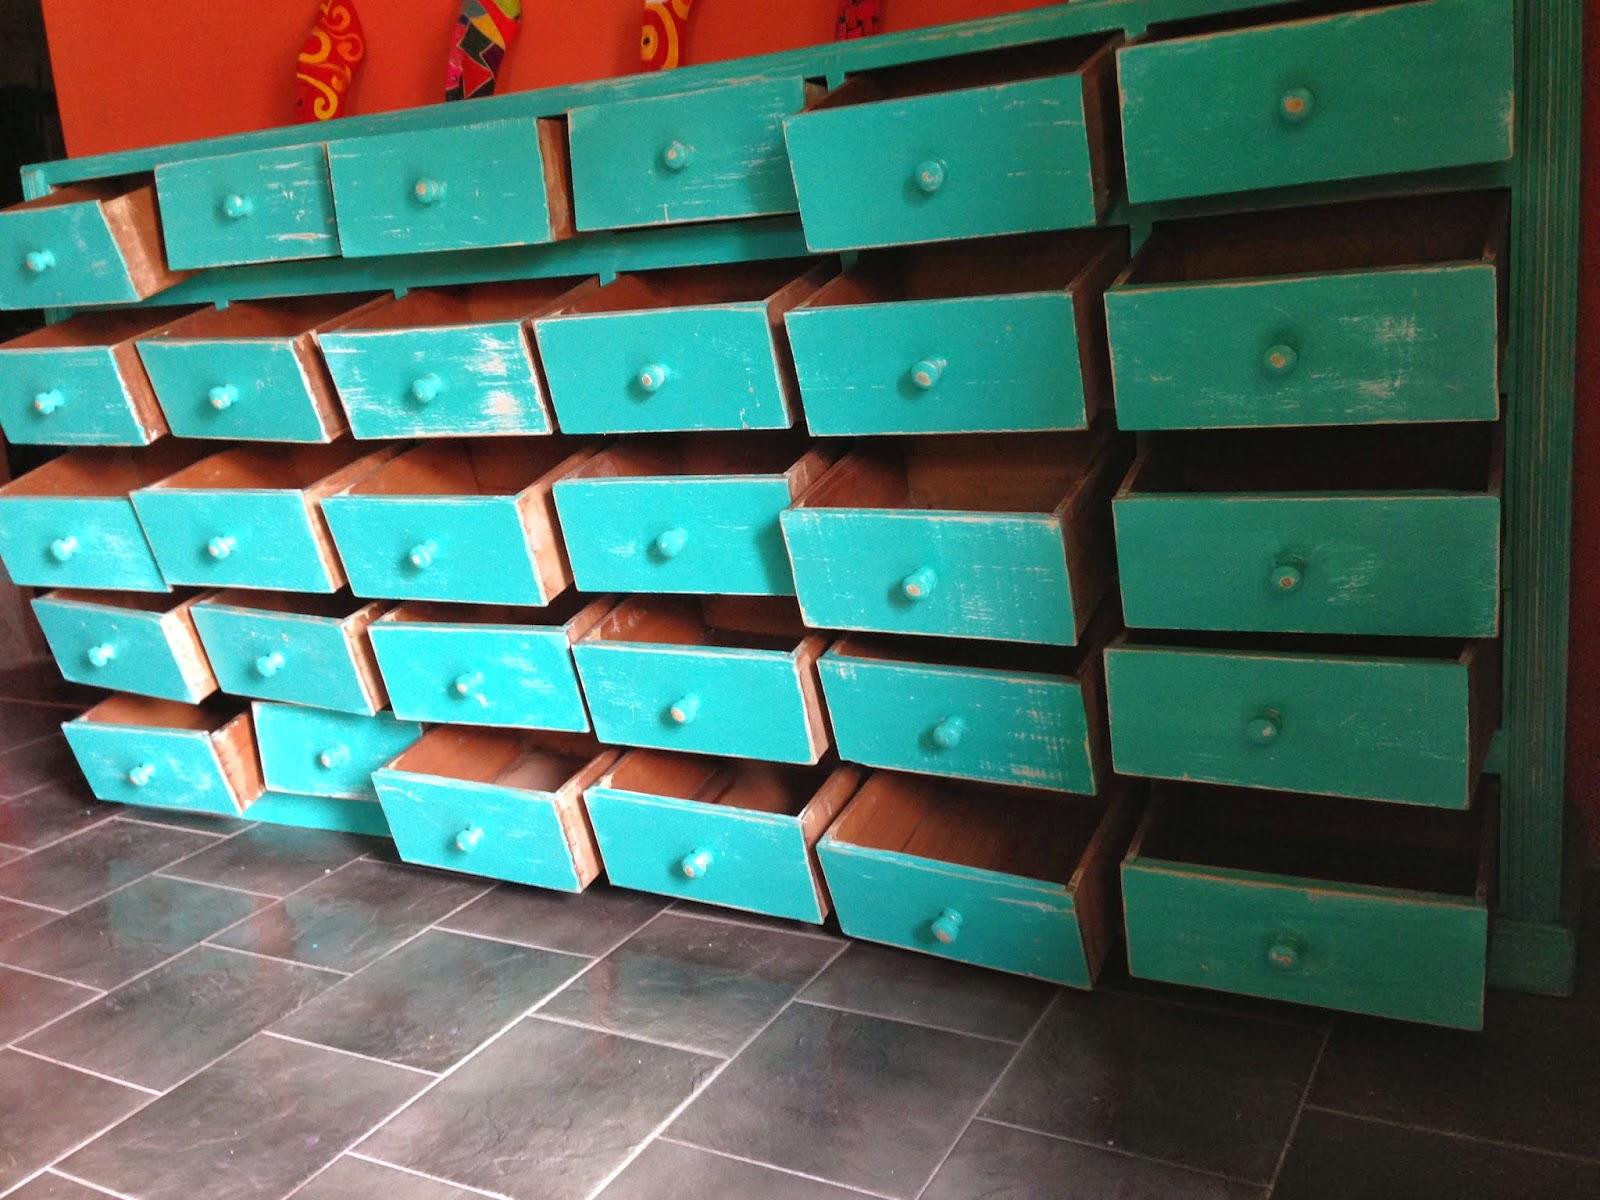 Vintouch muebles reciclados pintados a mano cajones Muebles antiguos pintados a mano